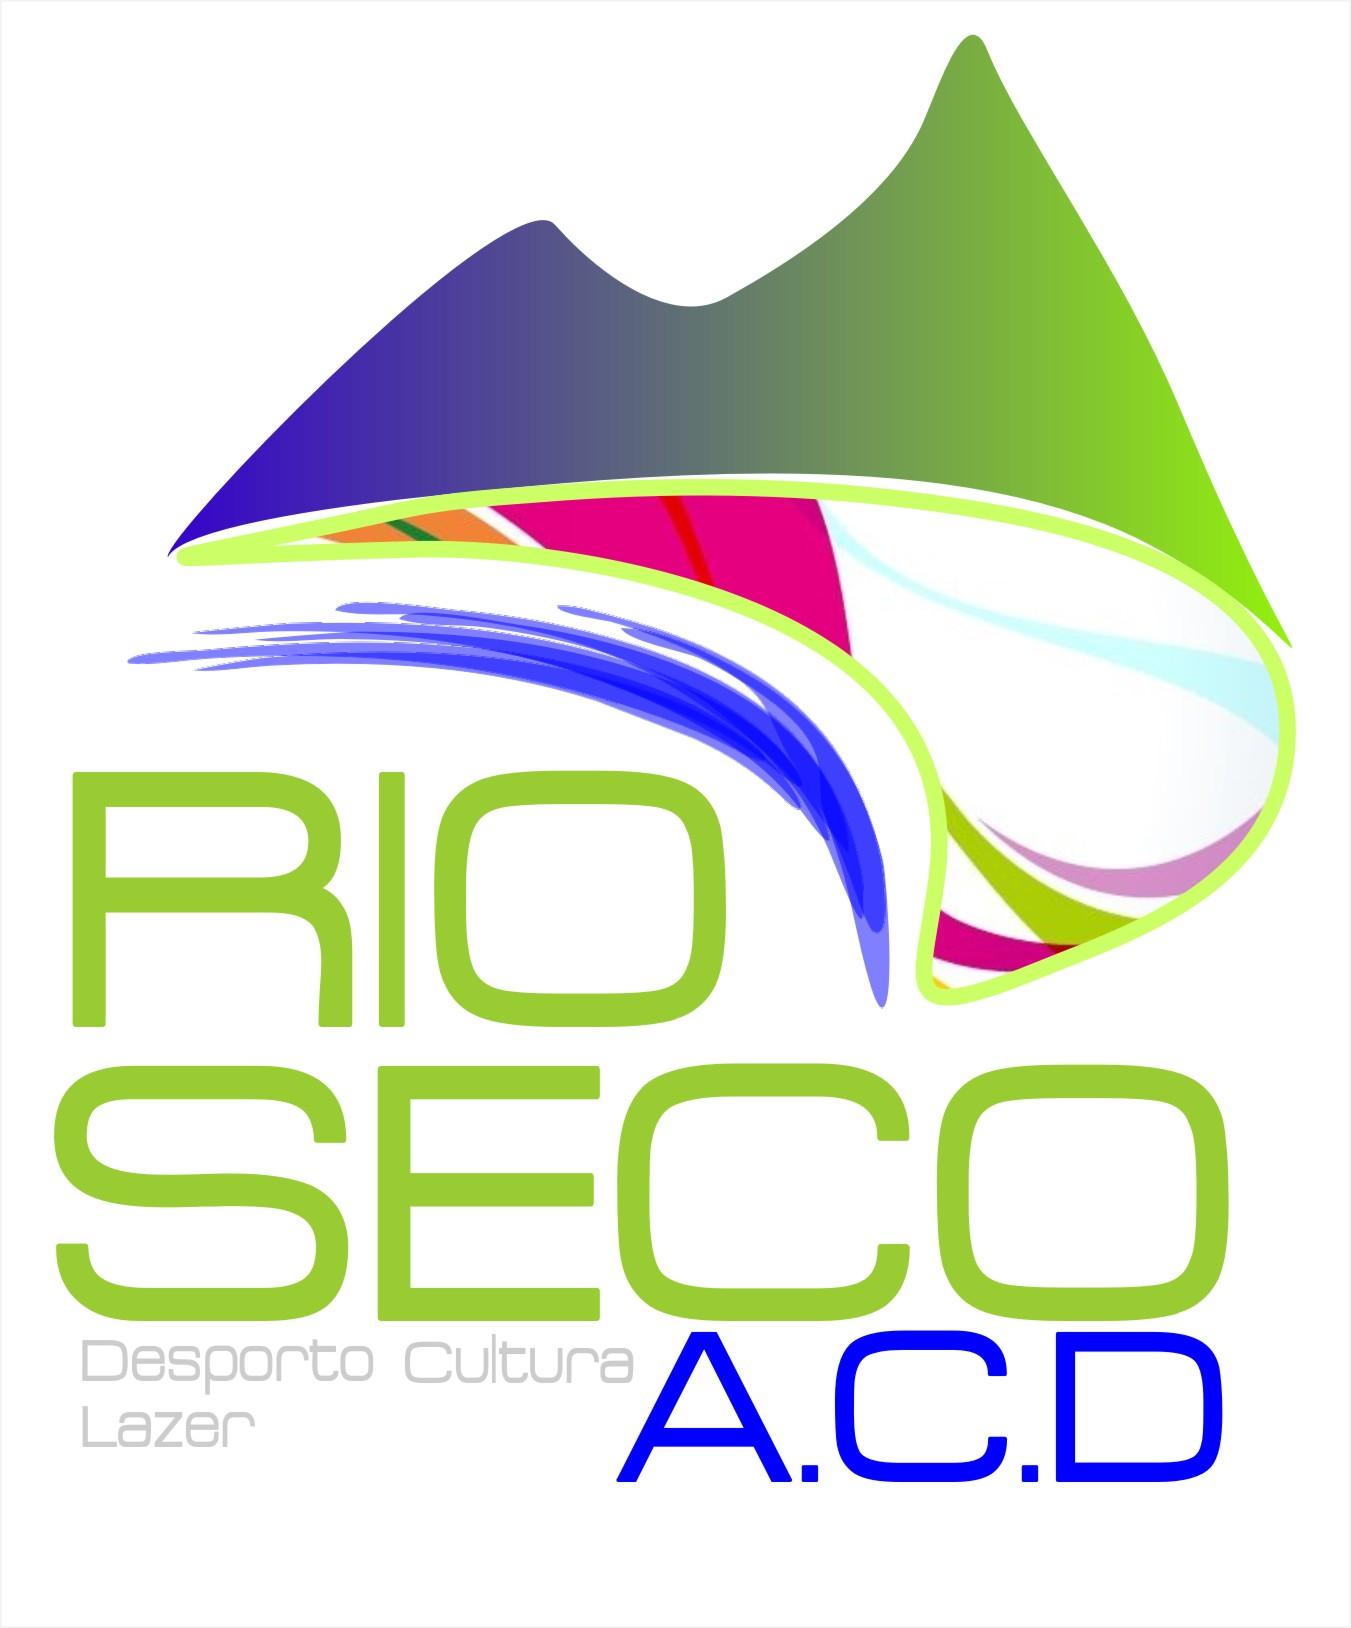 Associação Cultural e Desportiva de Rio Seco